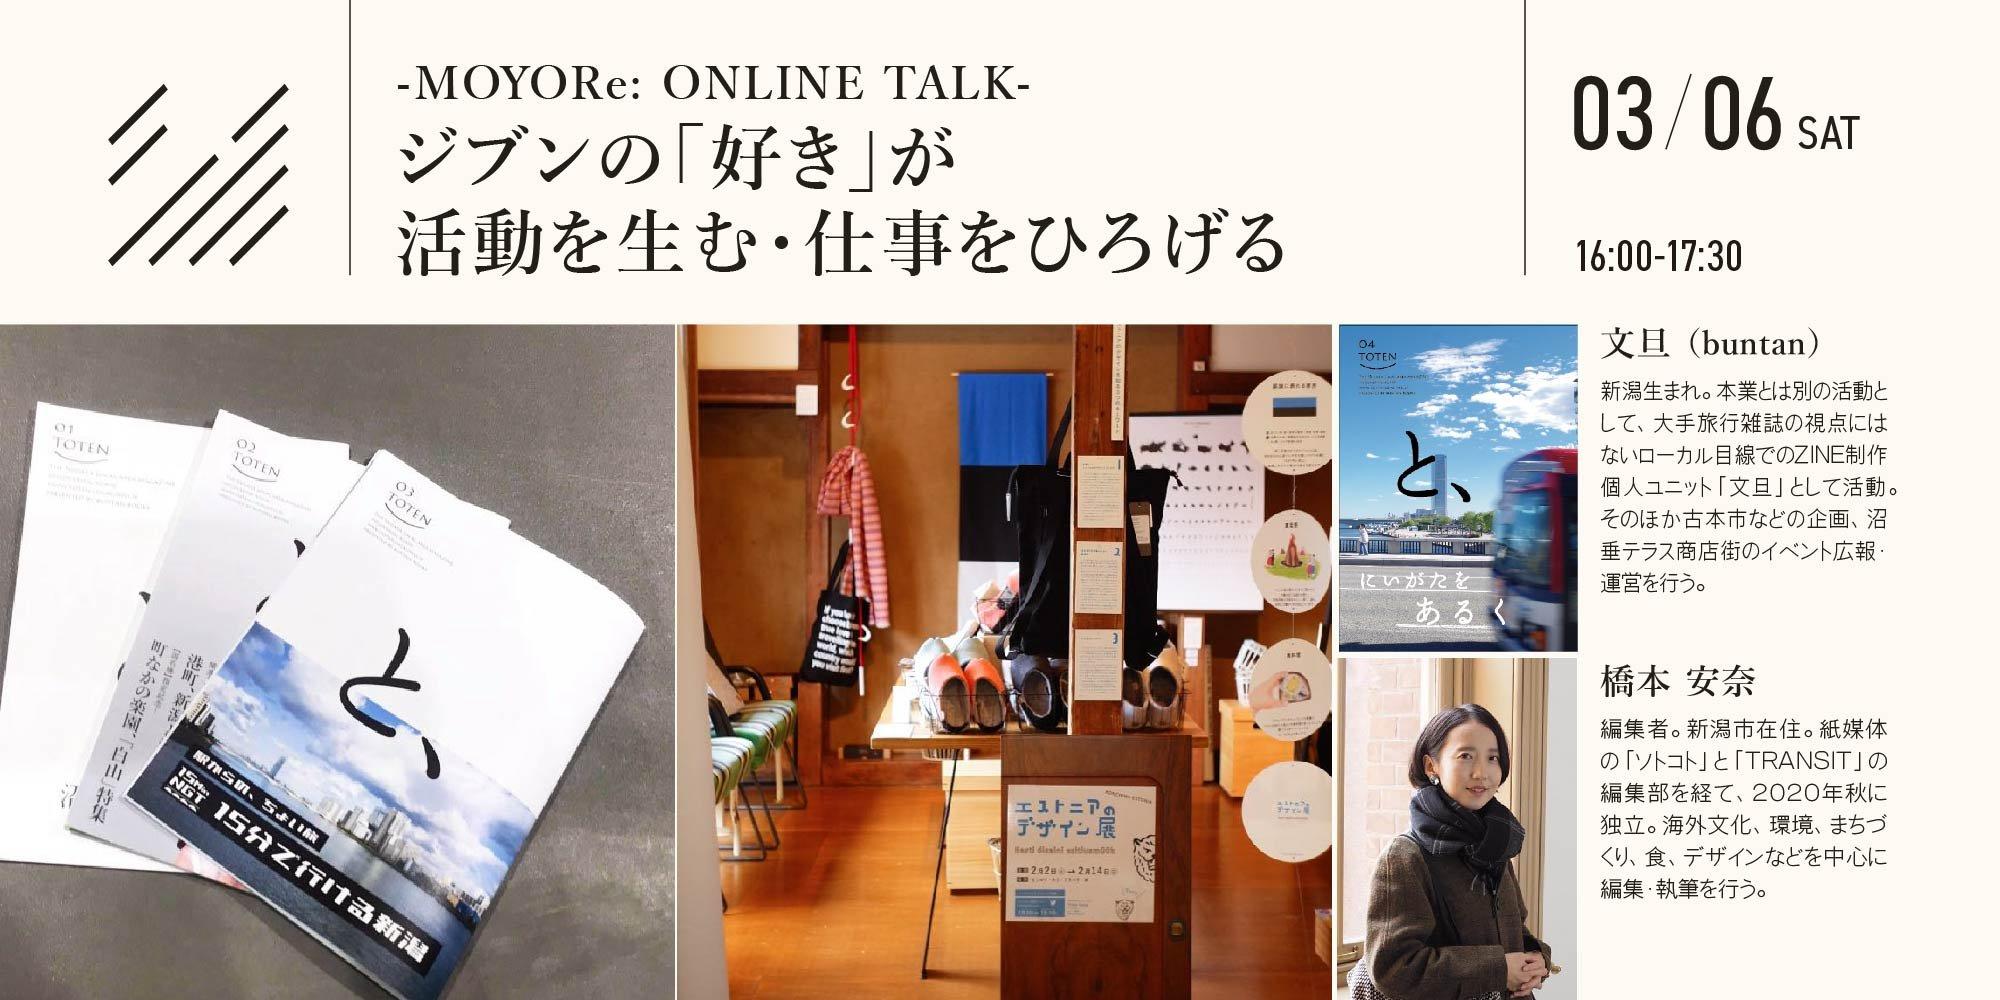 ジブンの「好き」が活動を生む・仕事をひろげる -MOYORe: ONLINE TALK-